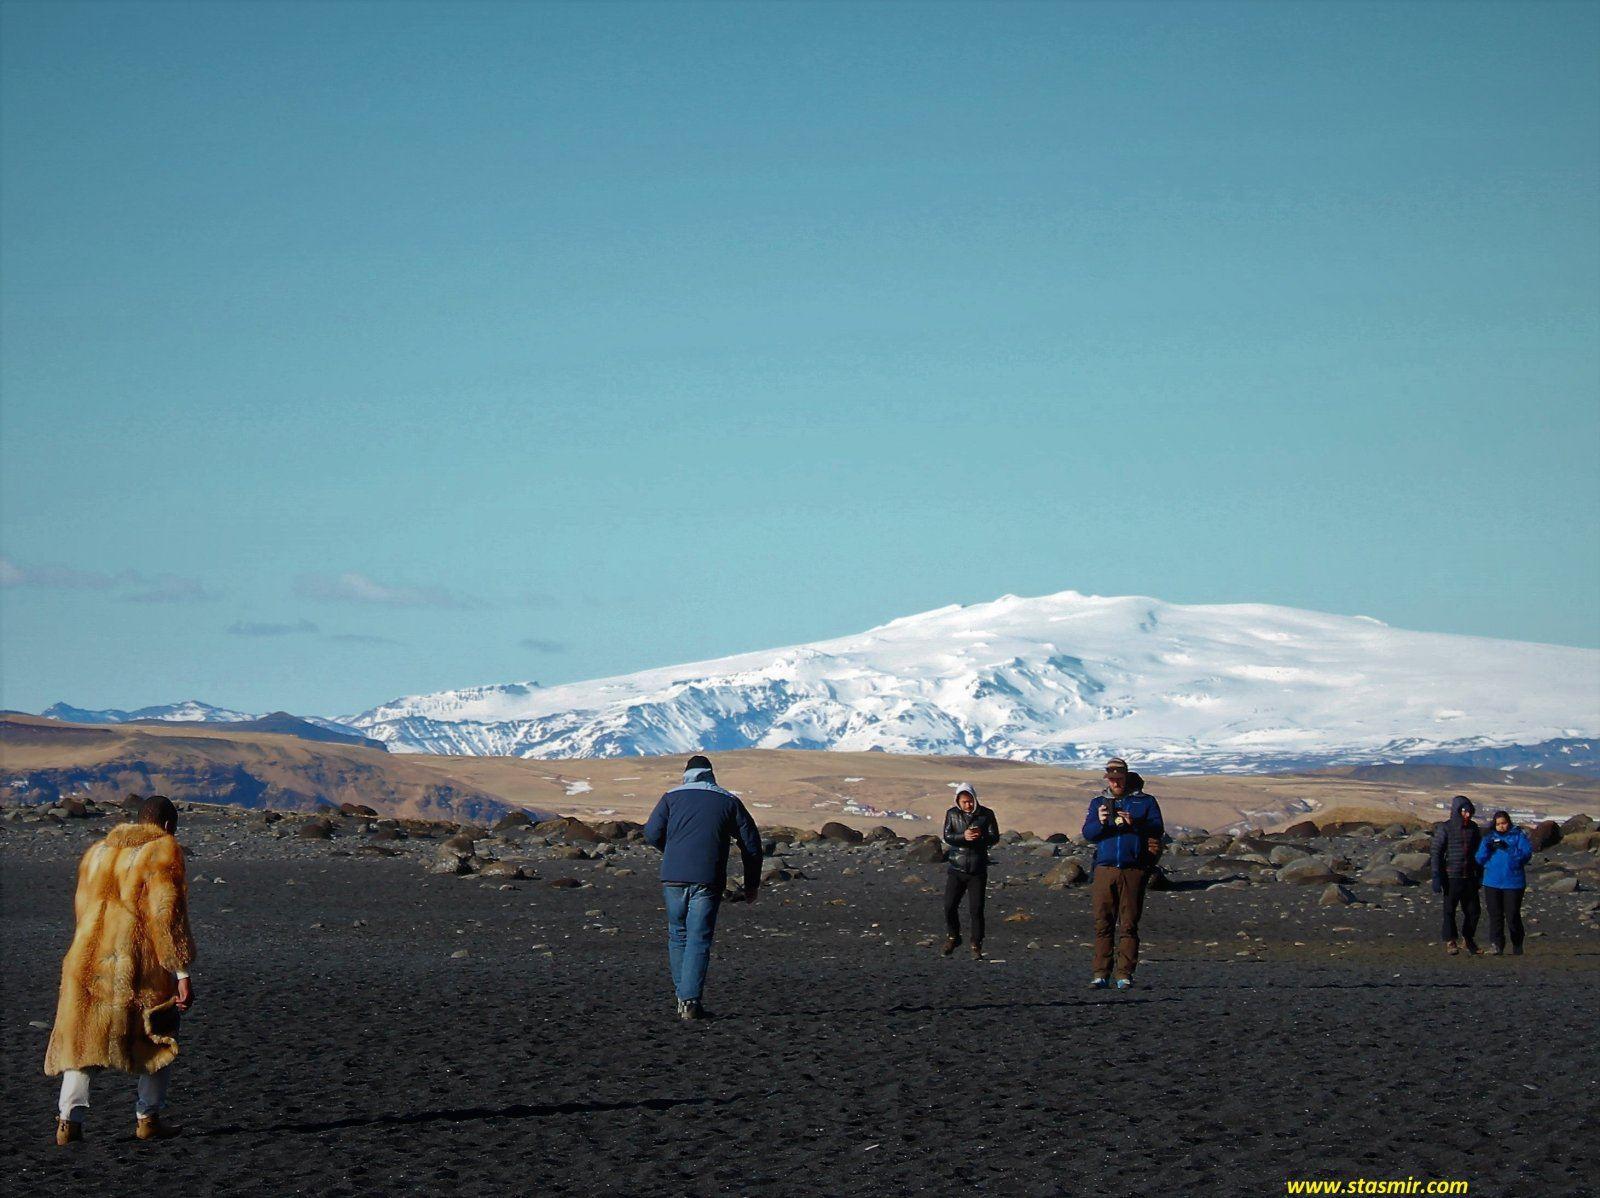 Человек в шубе на фоне ледника на Черном пляже в Исландии, фото Стасмир, photo Stasmir